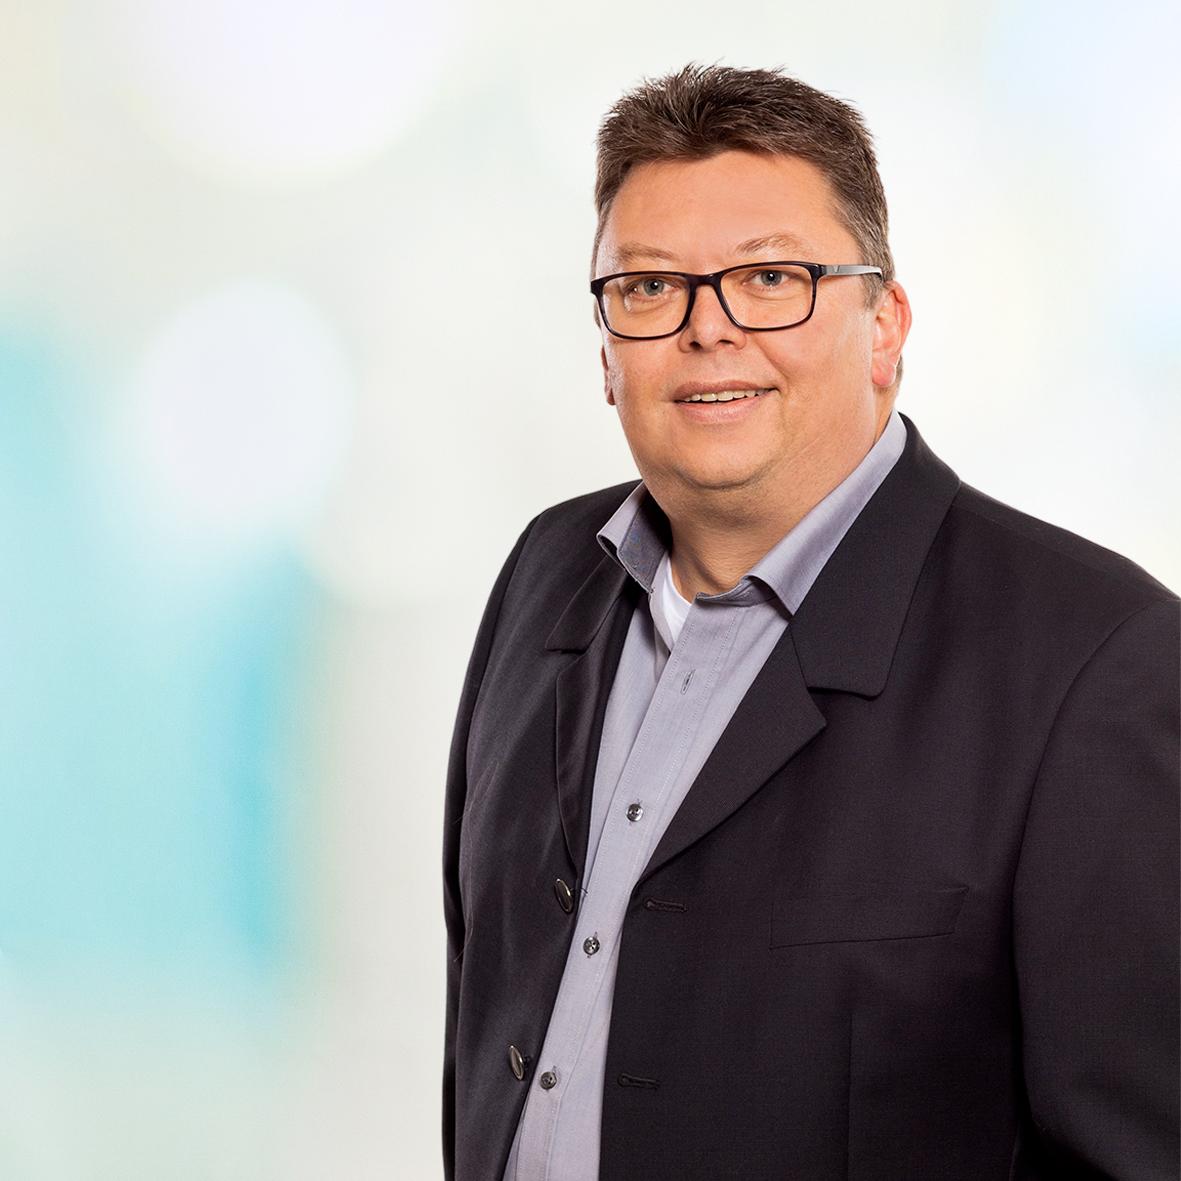 Manfred Delger